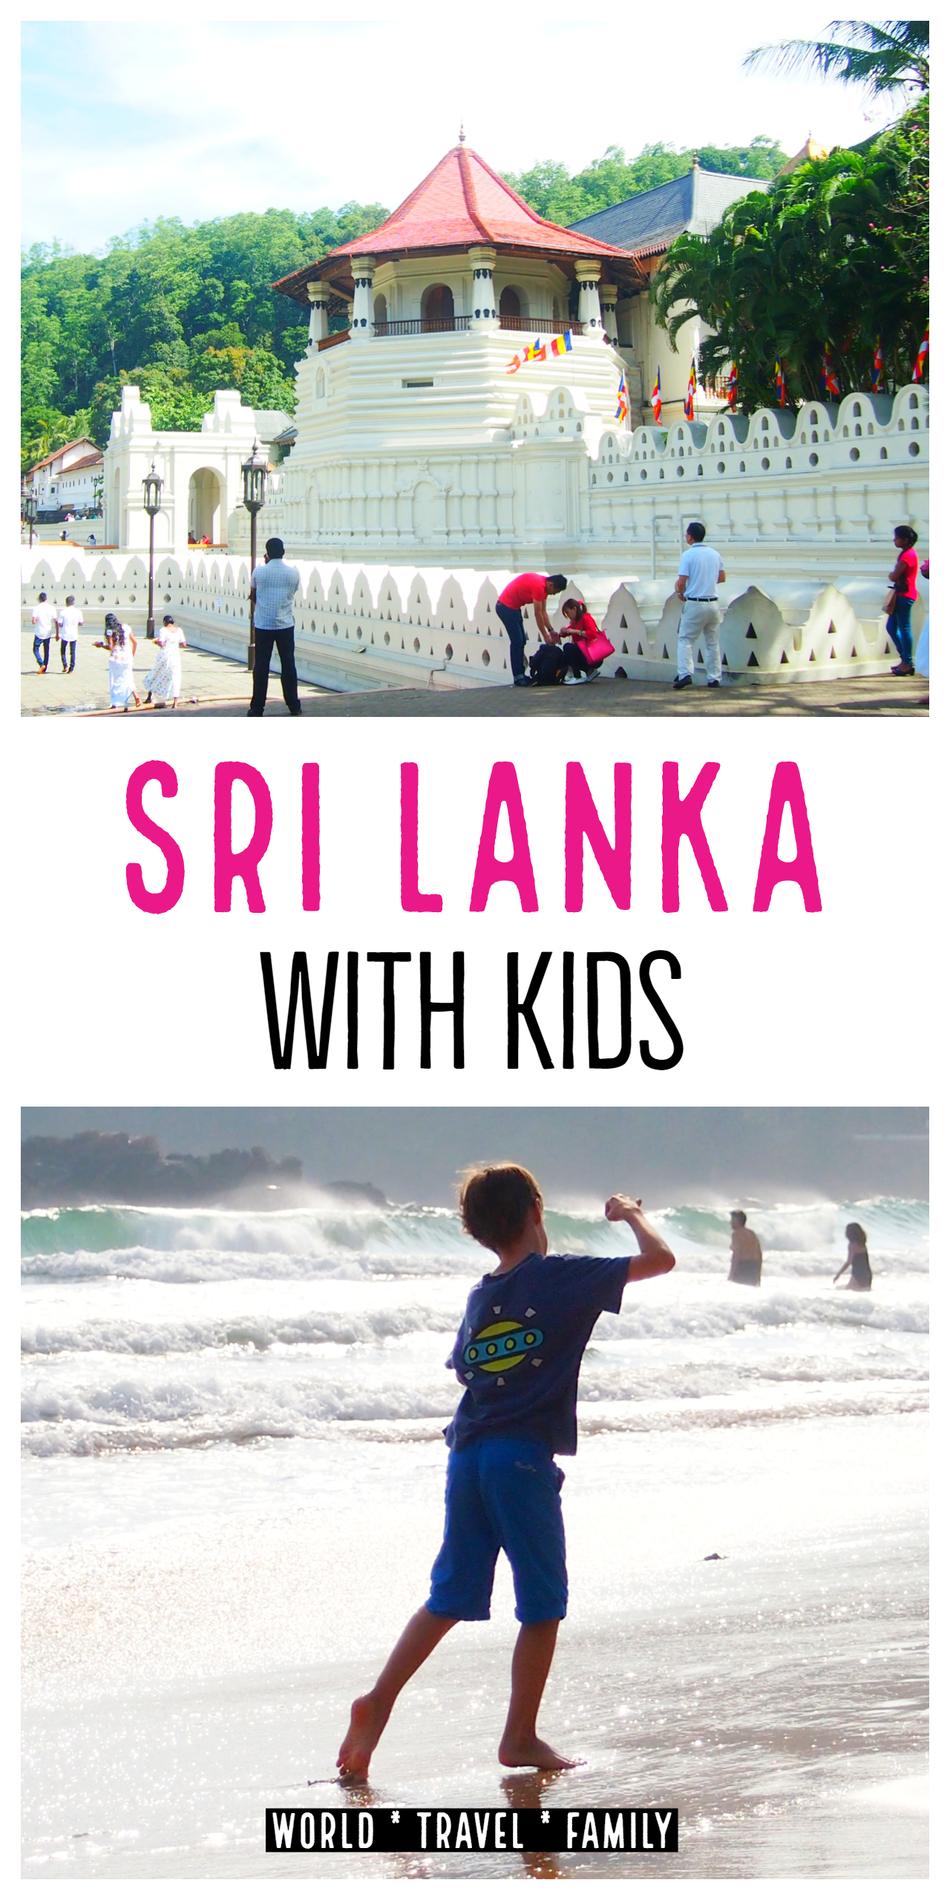 斯里兰卡与孩子